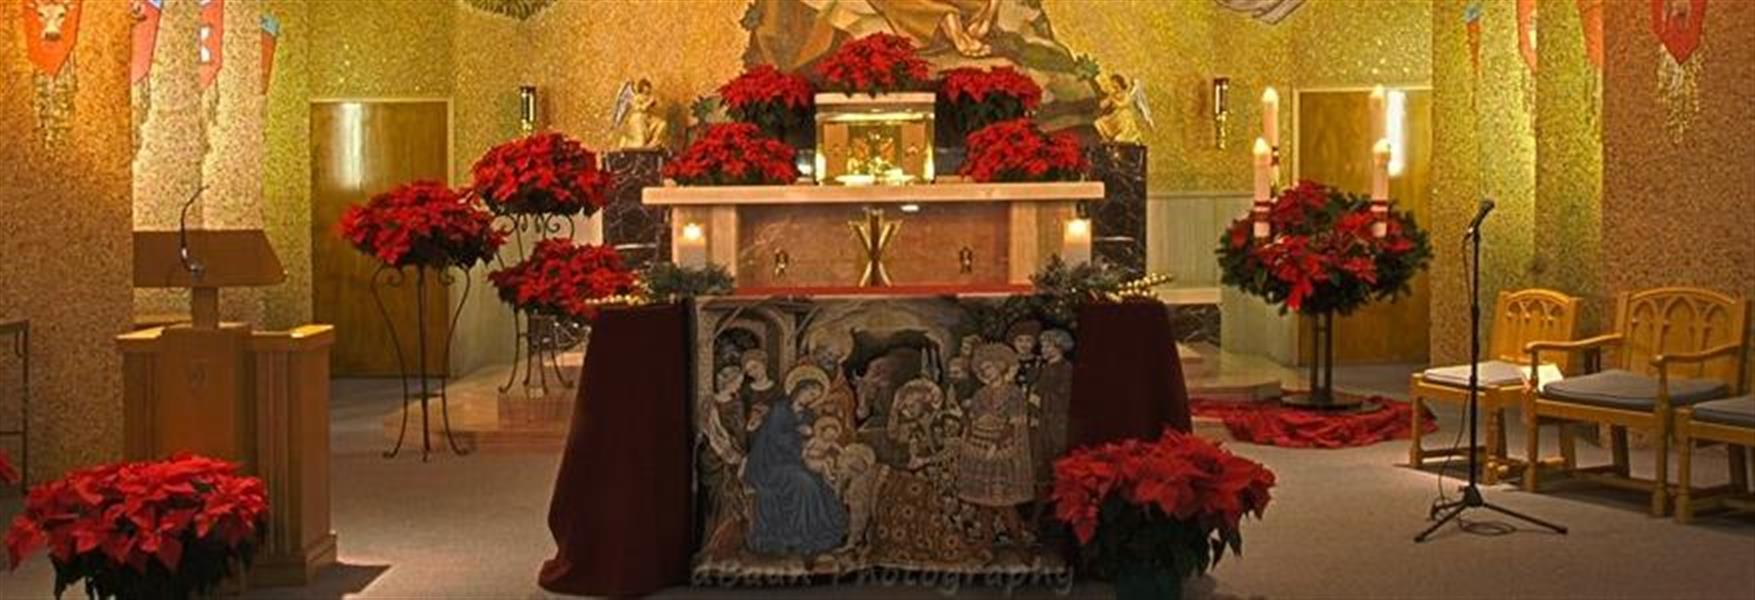 73d70466-96cb-4686-b08a-ba9c6e356d0a_Christmas altar.jpg